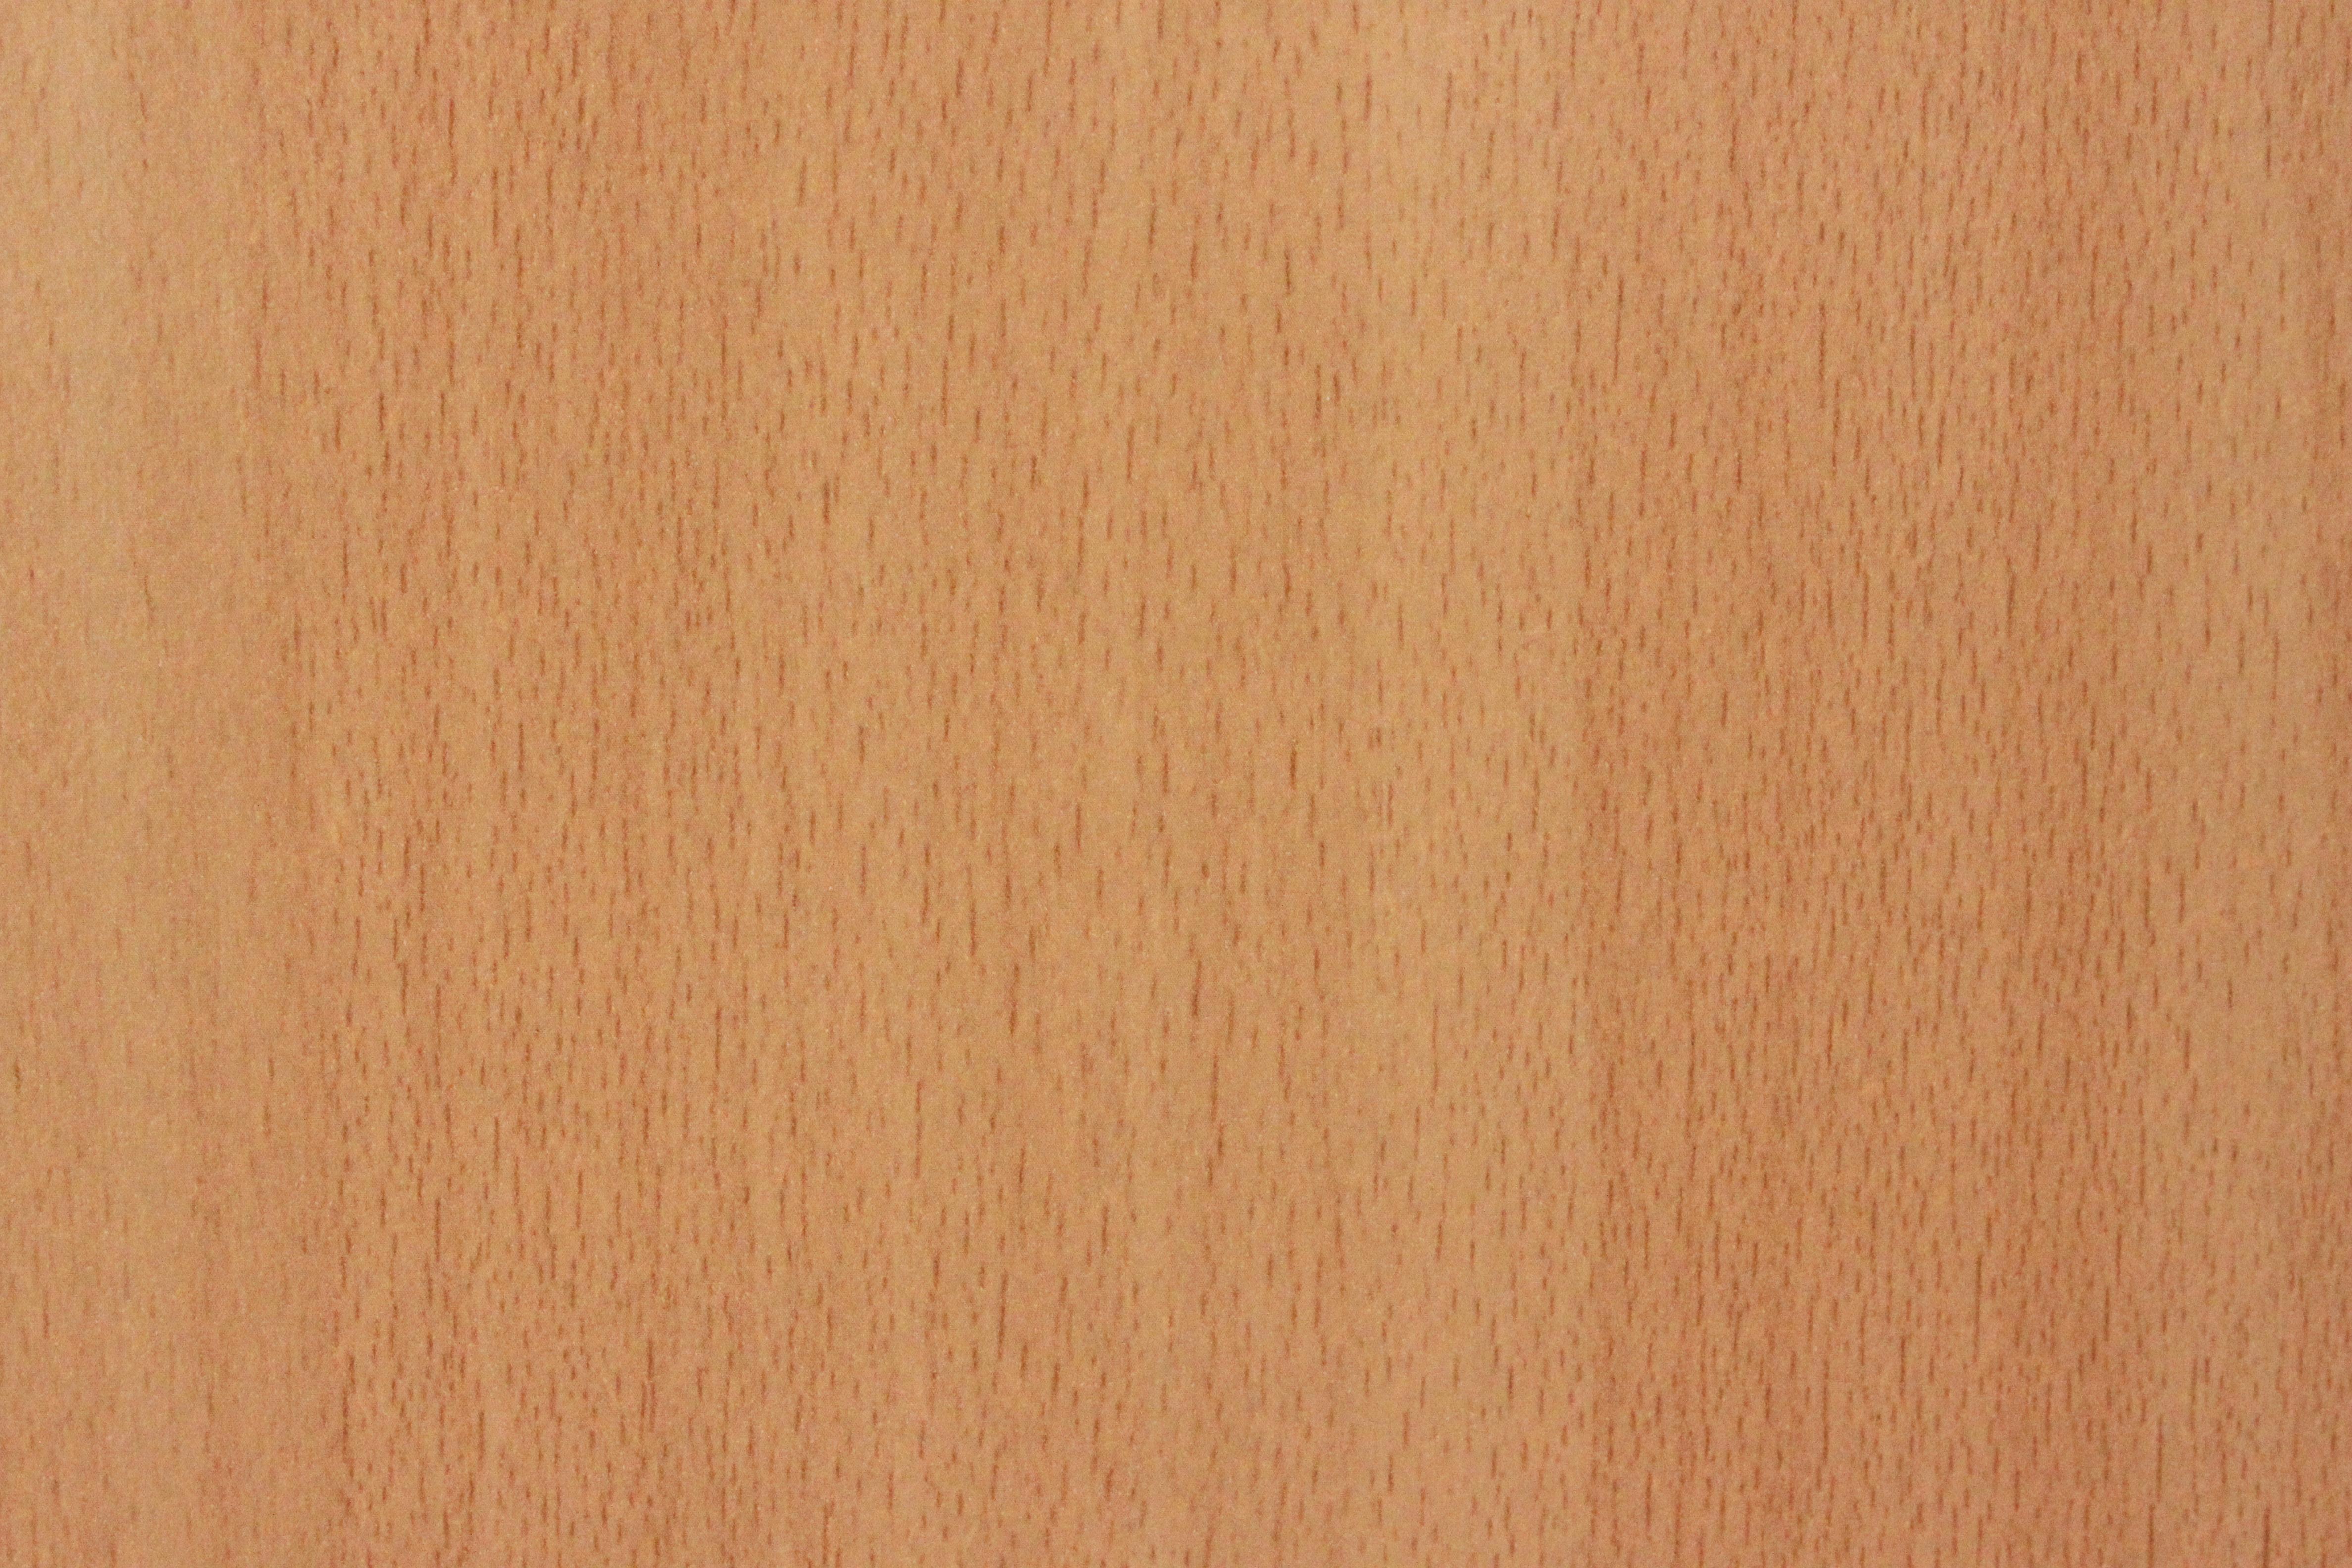 beech wood texture, beech wood texture